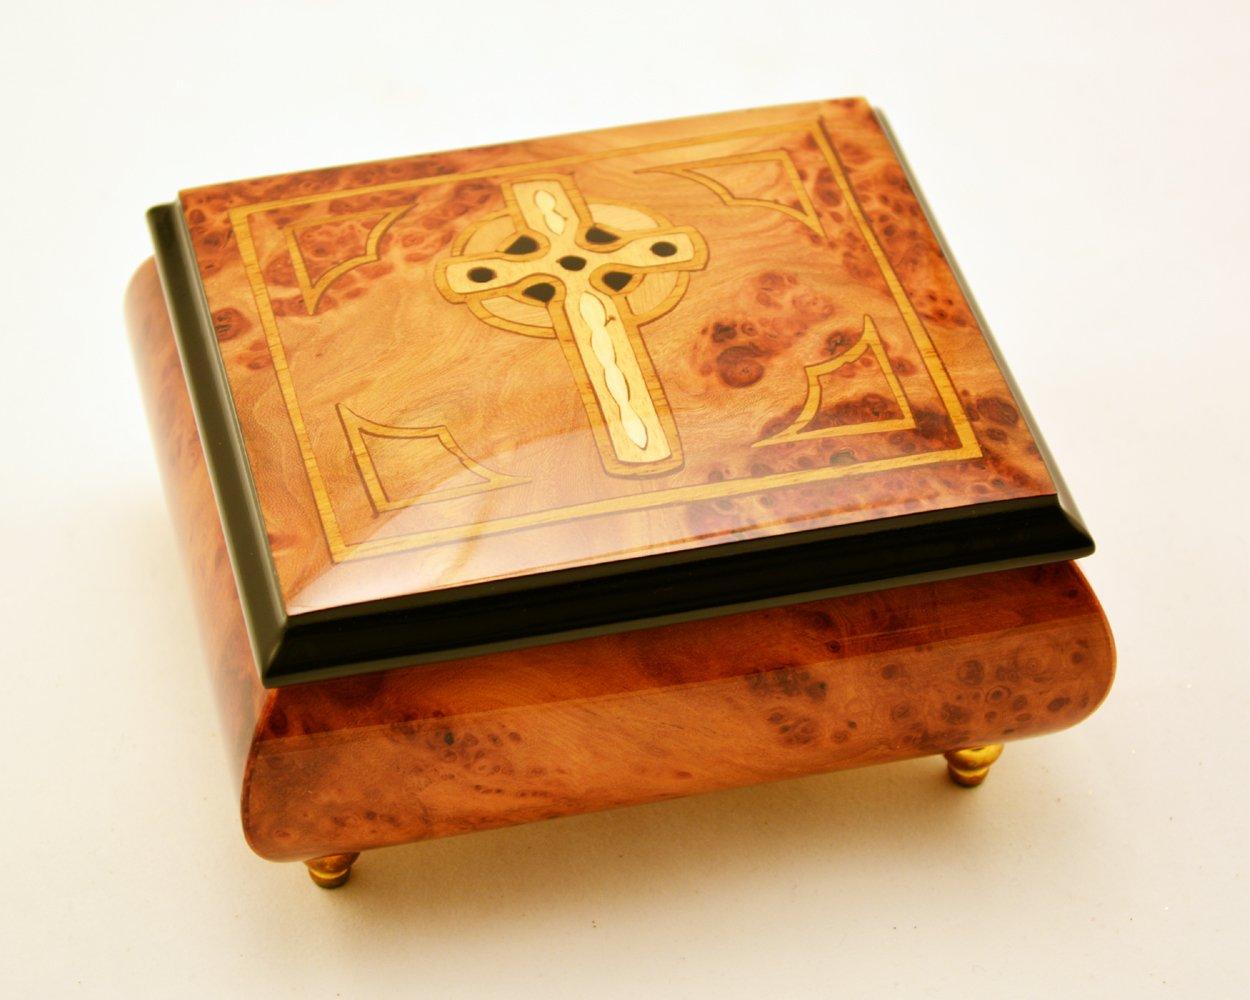 当店在庫してます! イタリア製 ソレント象嵌ケルト十字架オルゴール - - イタリア製 アヴェマリア(サンキョー18ノート) B011J2Z4YY B011J2Z4YY, アジアン & カジュアル マーライ:3c725fbe --- arcego.dominiotemporario.com